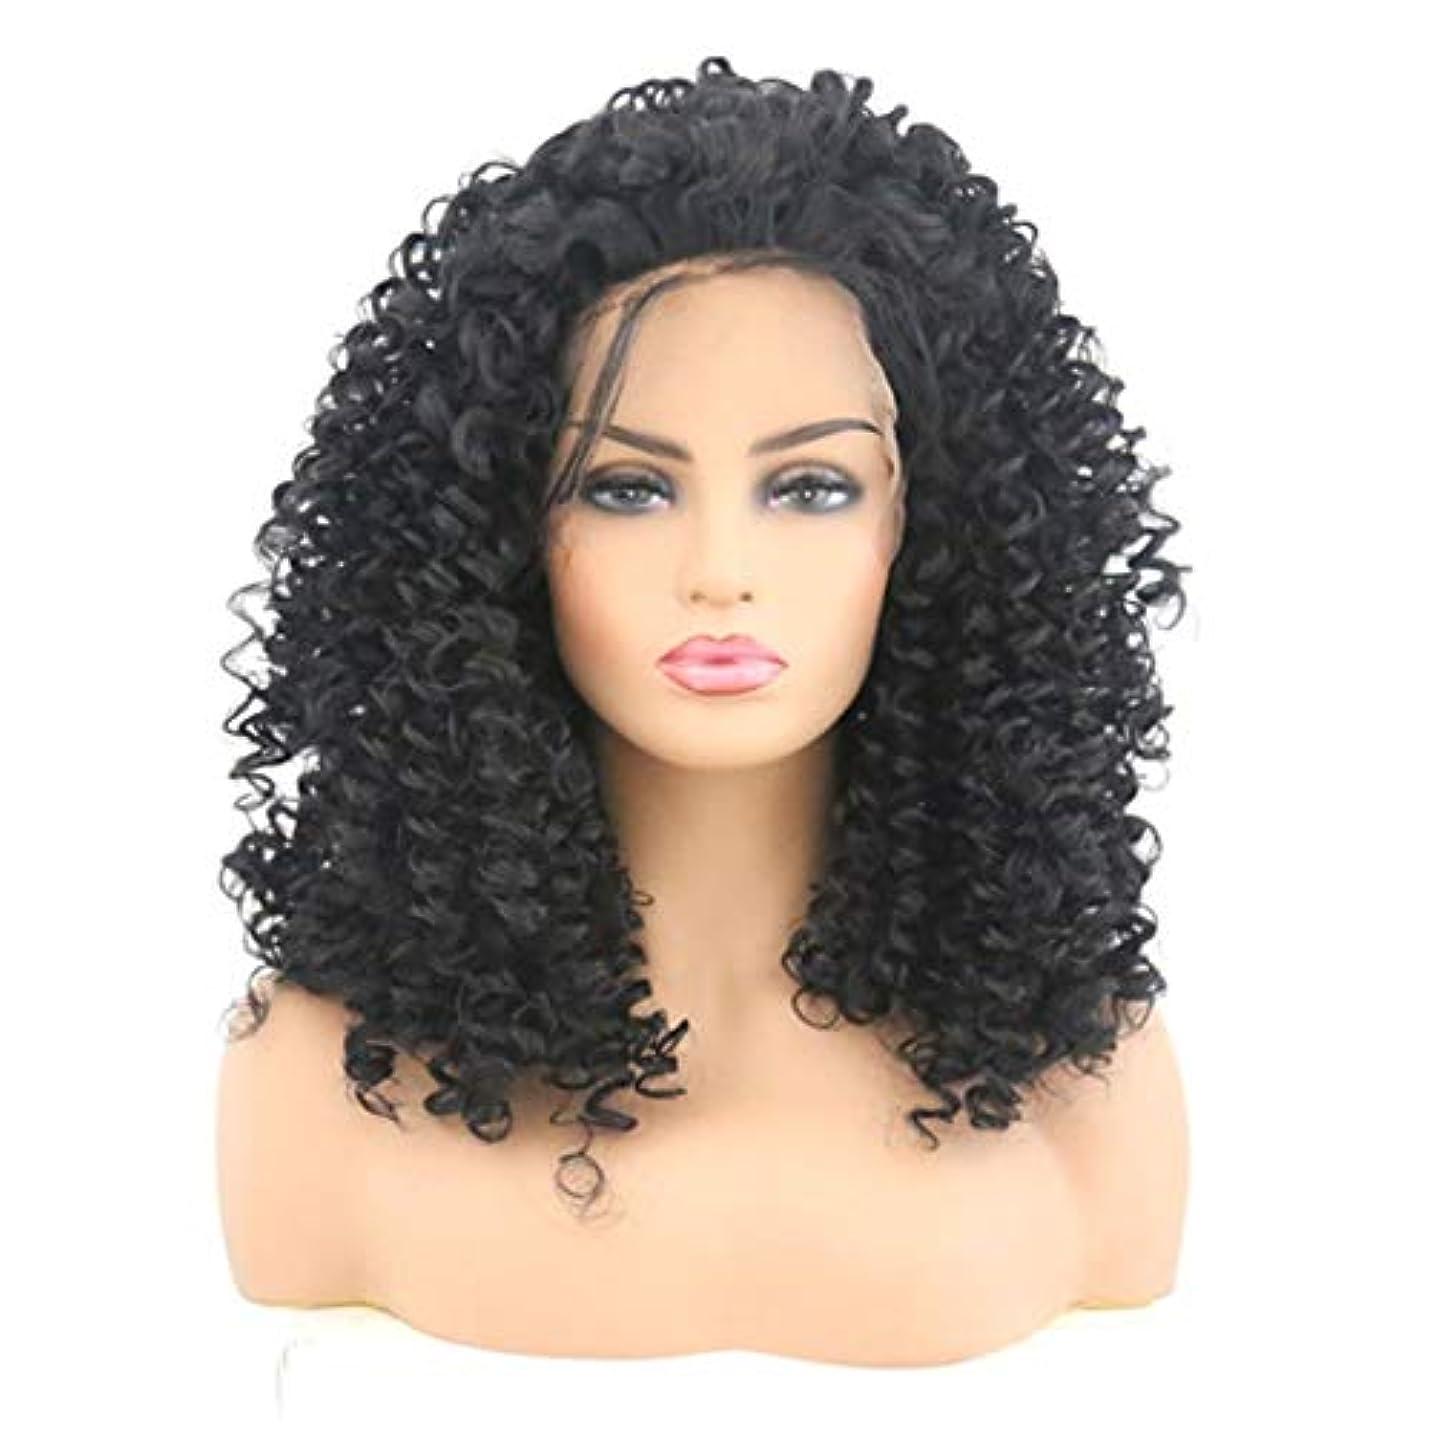 留まる短命コンテストSummerys 女性のためのフロントレース黒かつら小体積波状の短い巻き毛のかつら